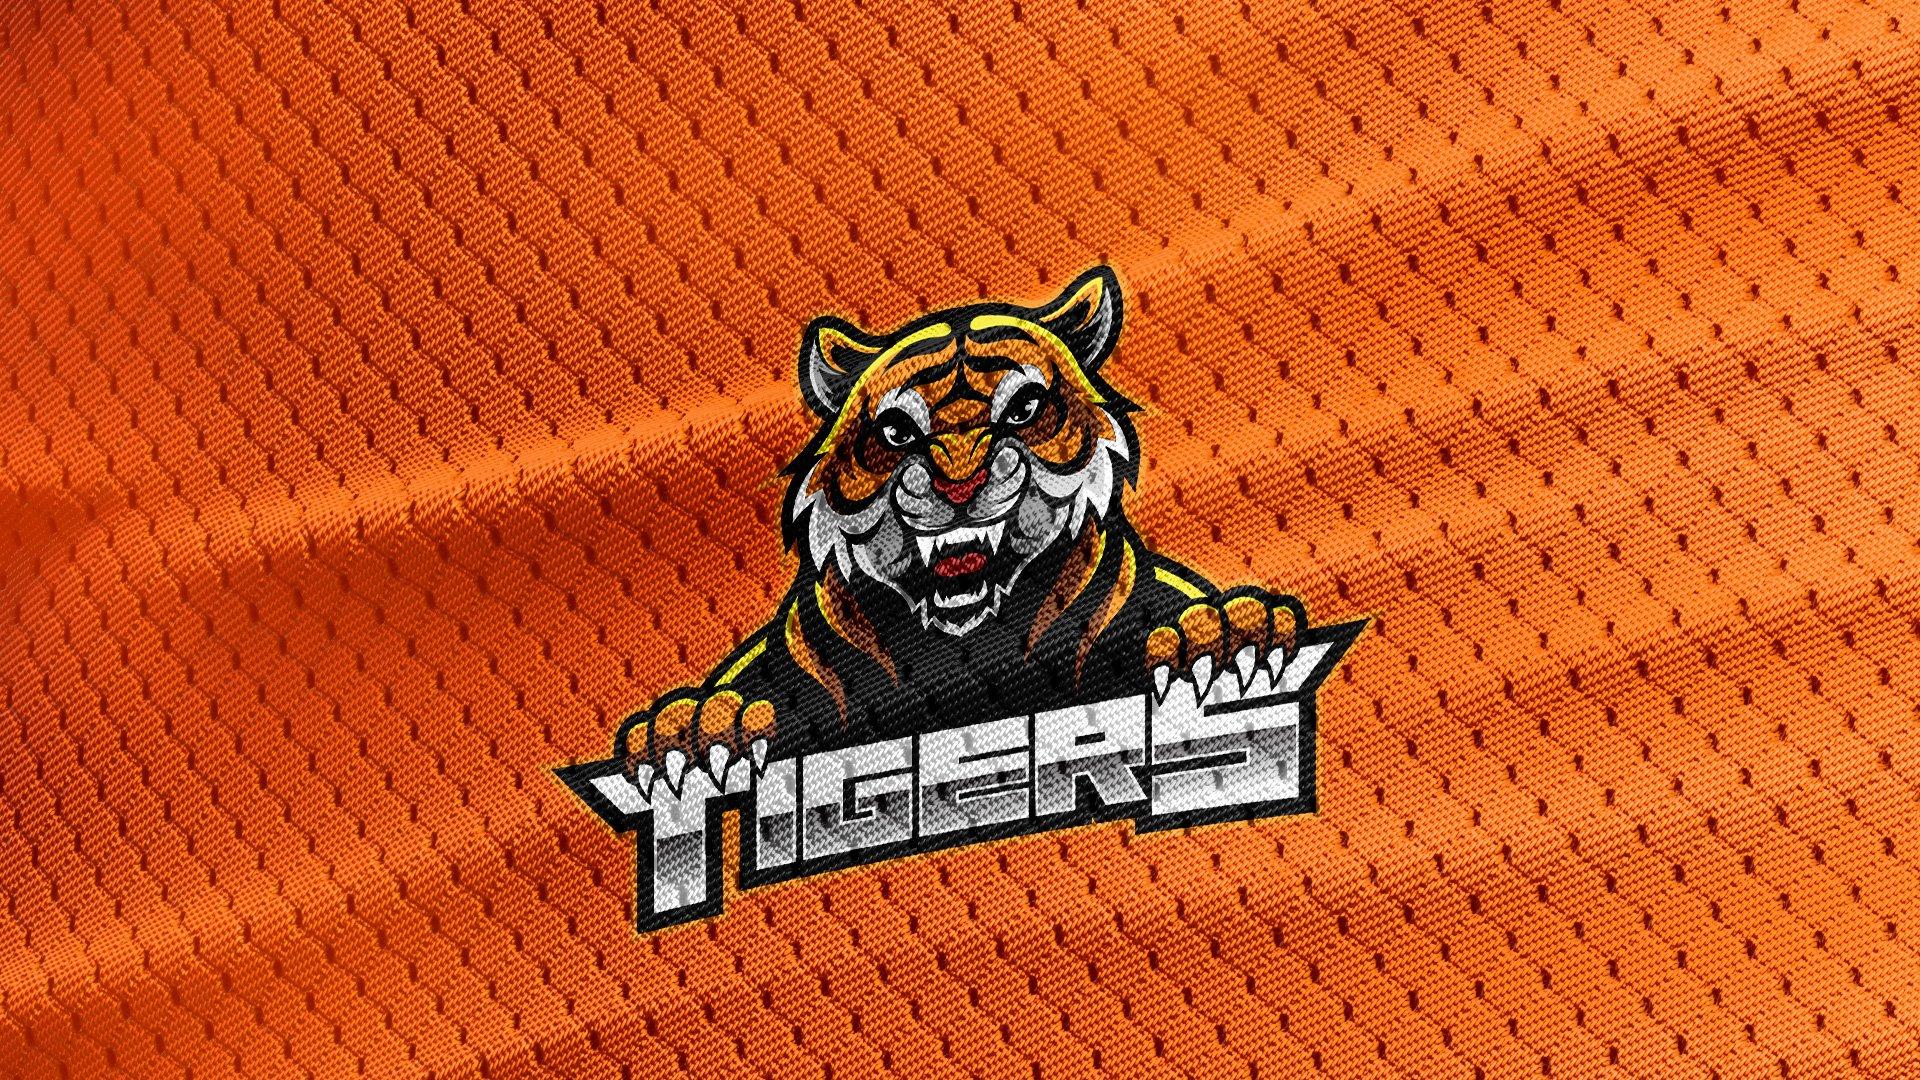 Orange-Jersey-Texture-Free-Download-Tiger-Logo-Mascot